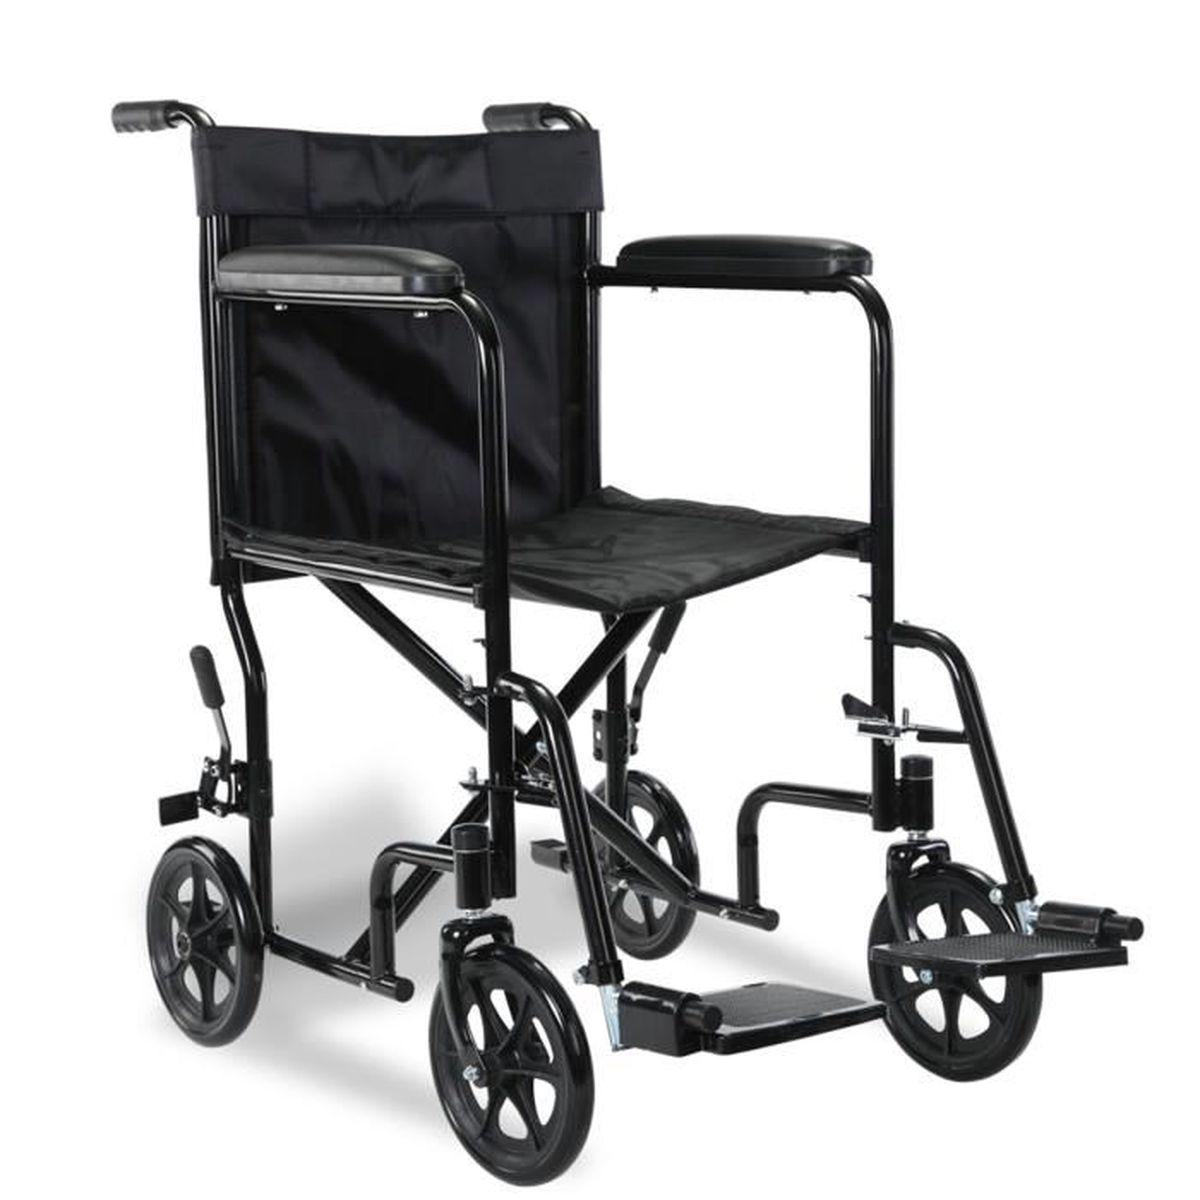 Fauteuil roulant achat vente accessoires aide la mobilit pas cher cdiscount - Table pour fauteuil roulant ...